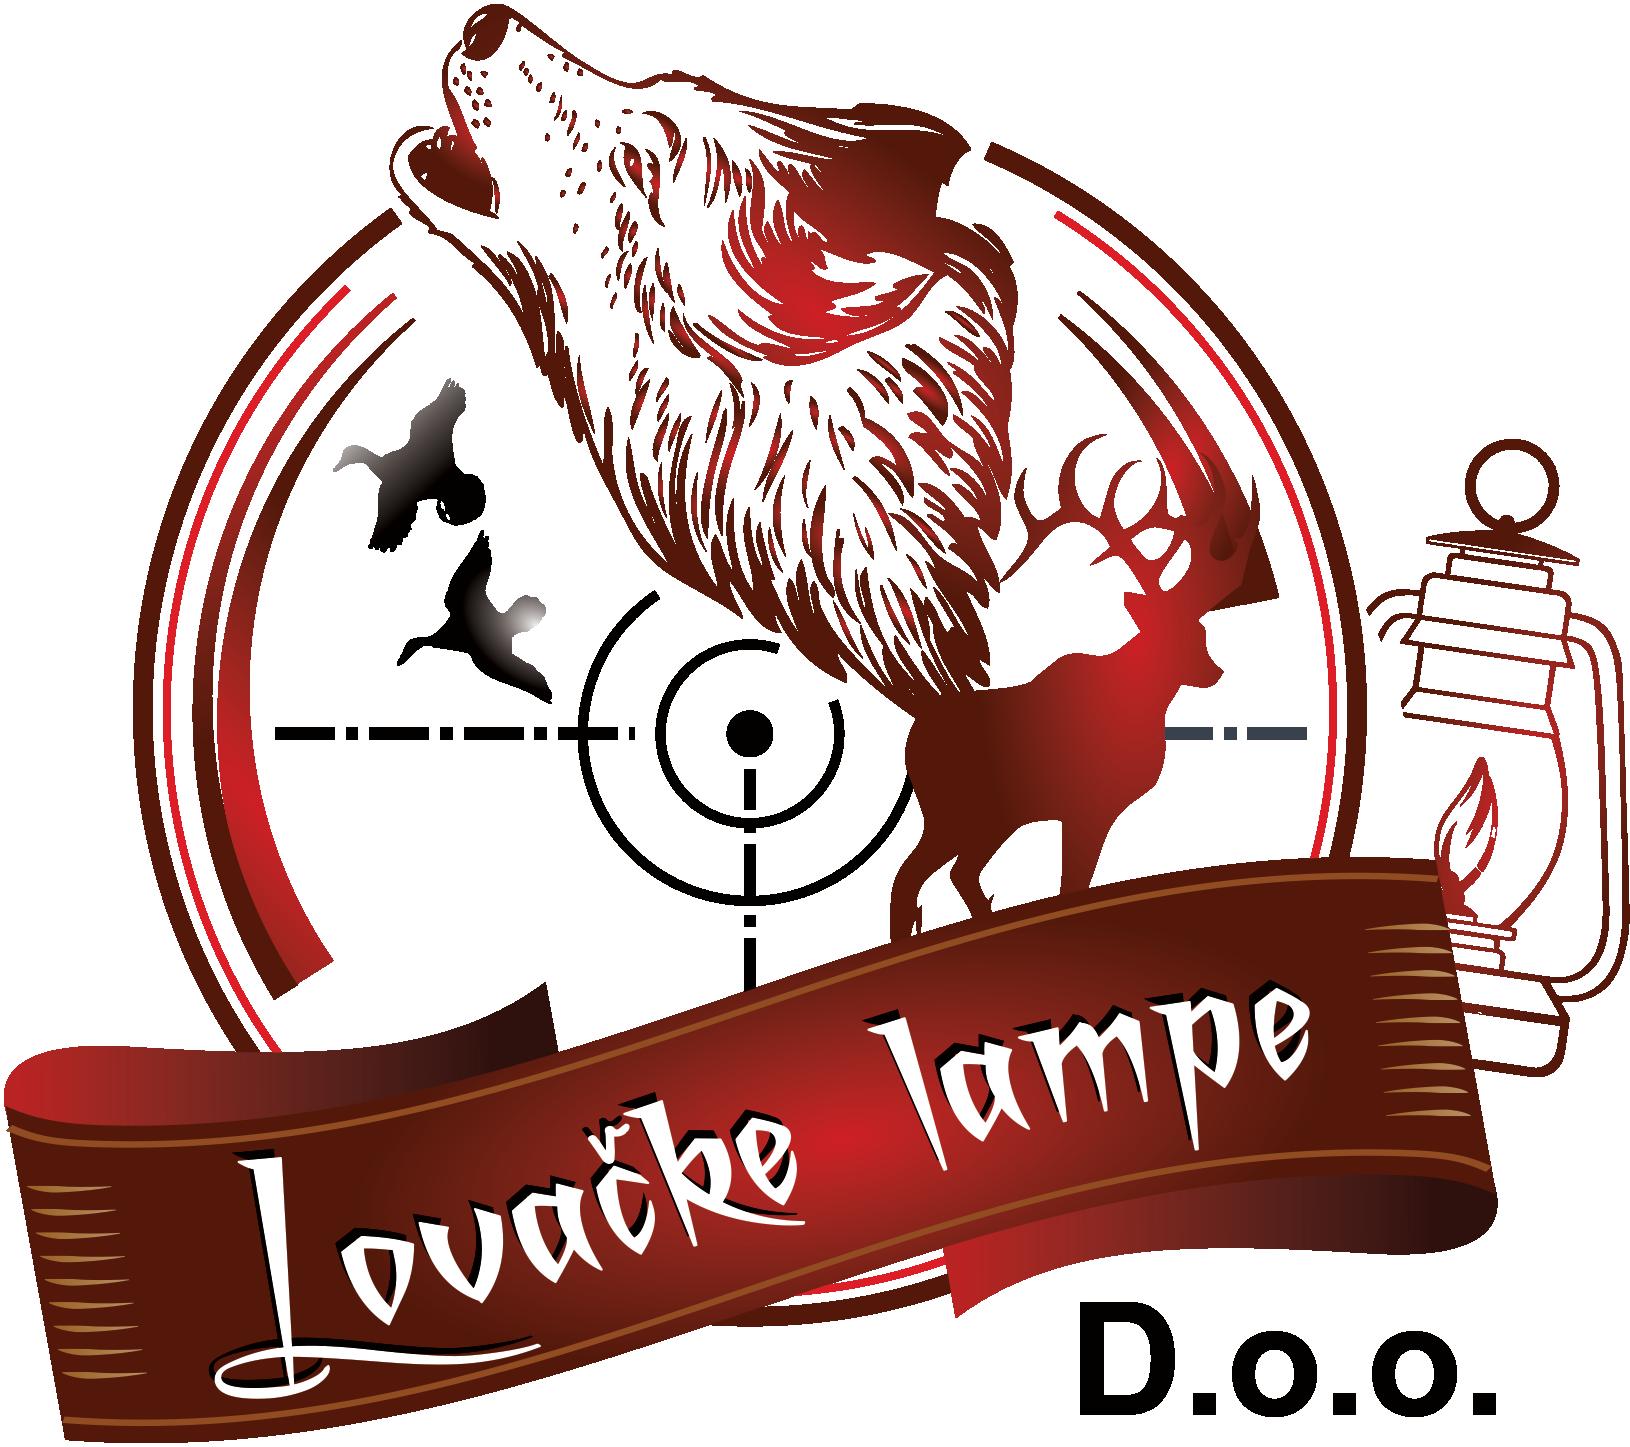 Lovačke Lampe Doo